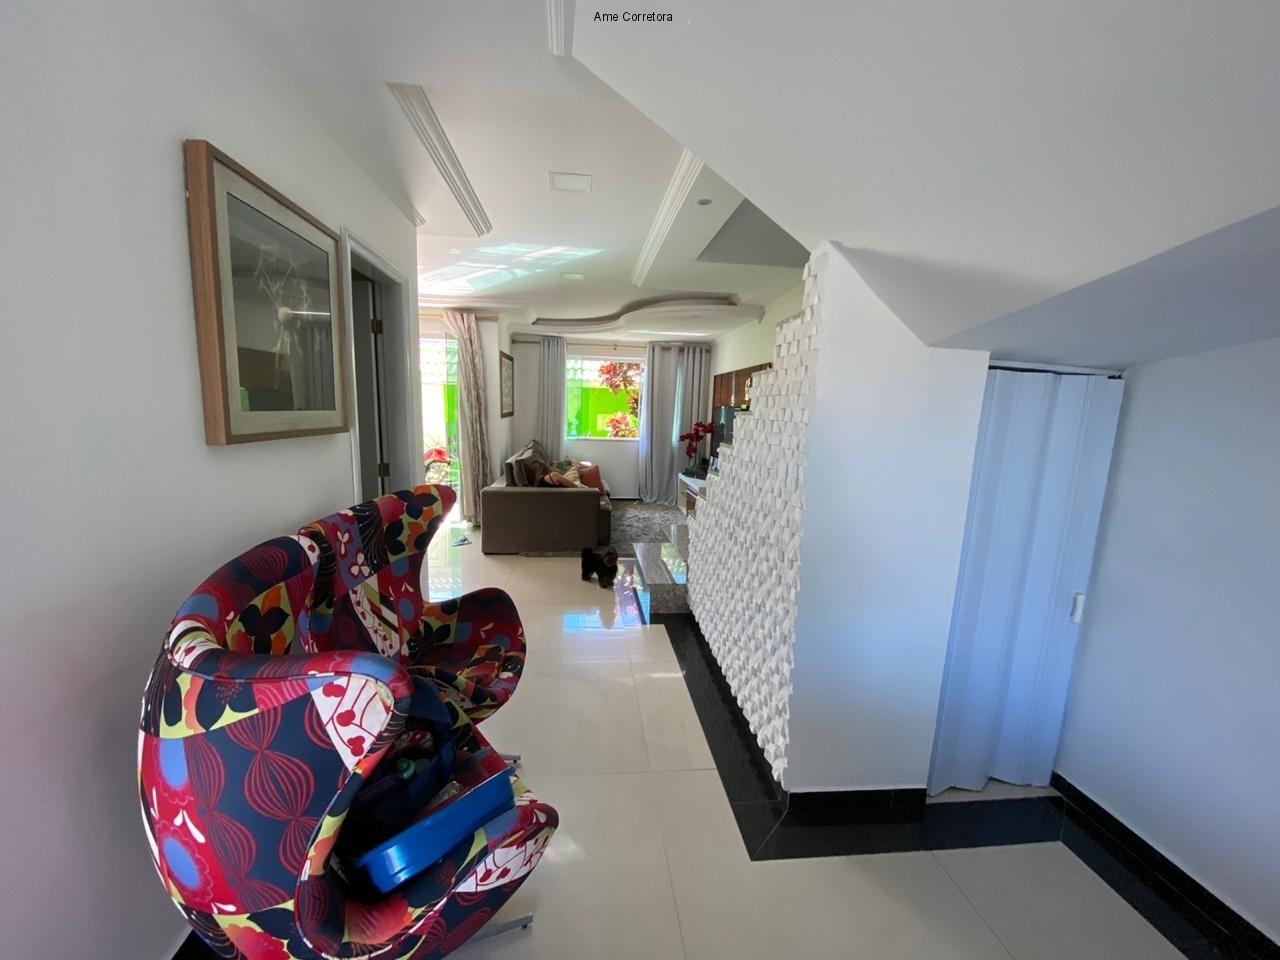 FOTO 08 - Casa 3 quartos à venda Rio de Janeiro,RJ - R$ 900.000 - CA00624 - 9